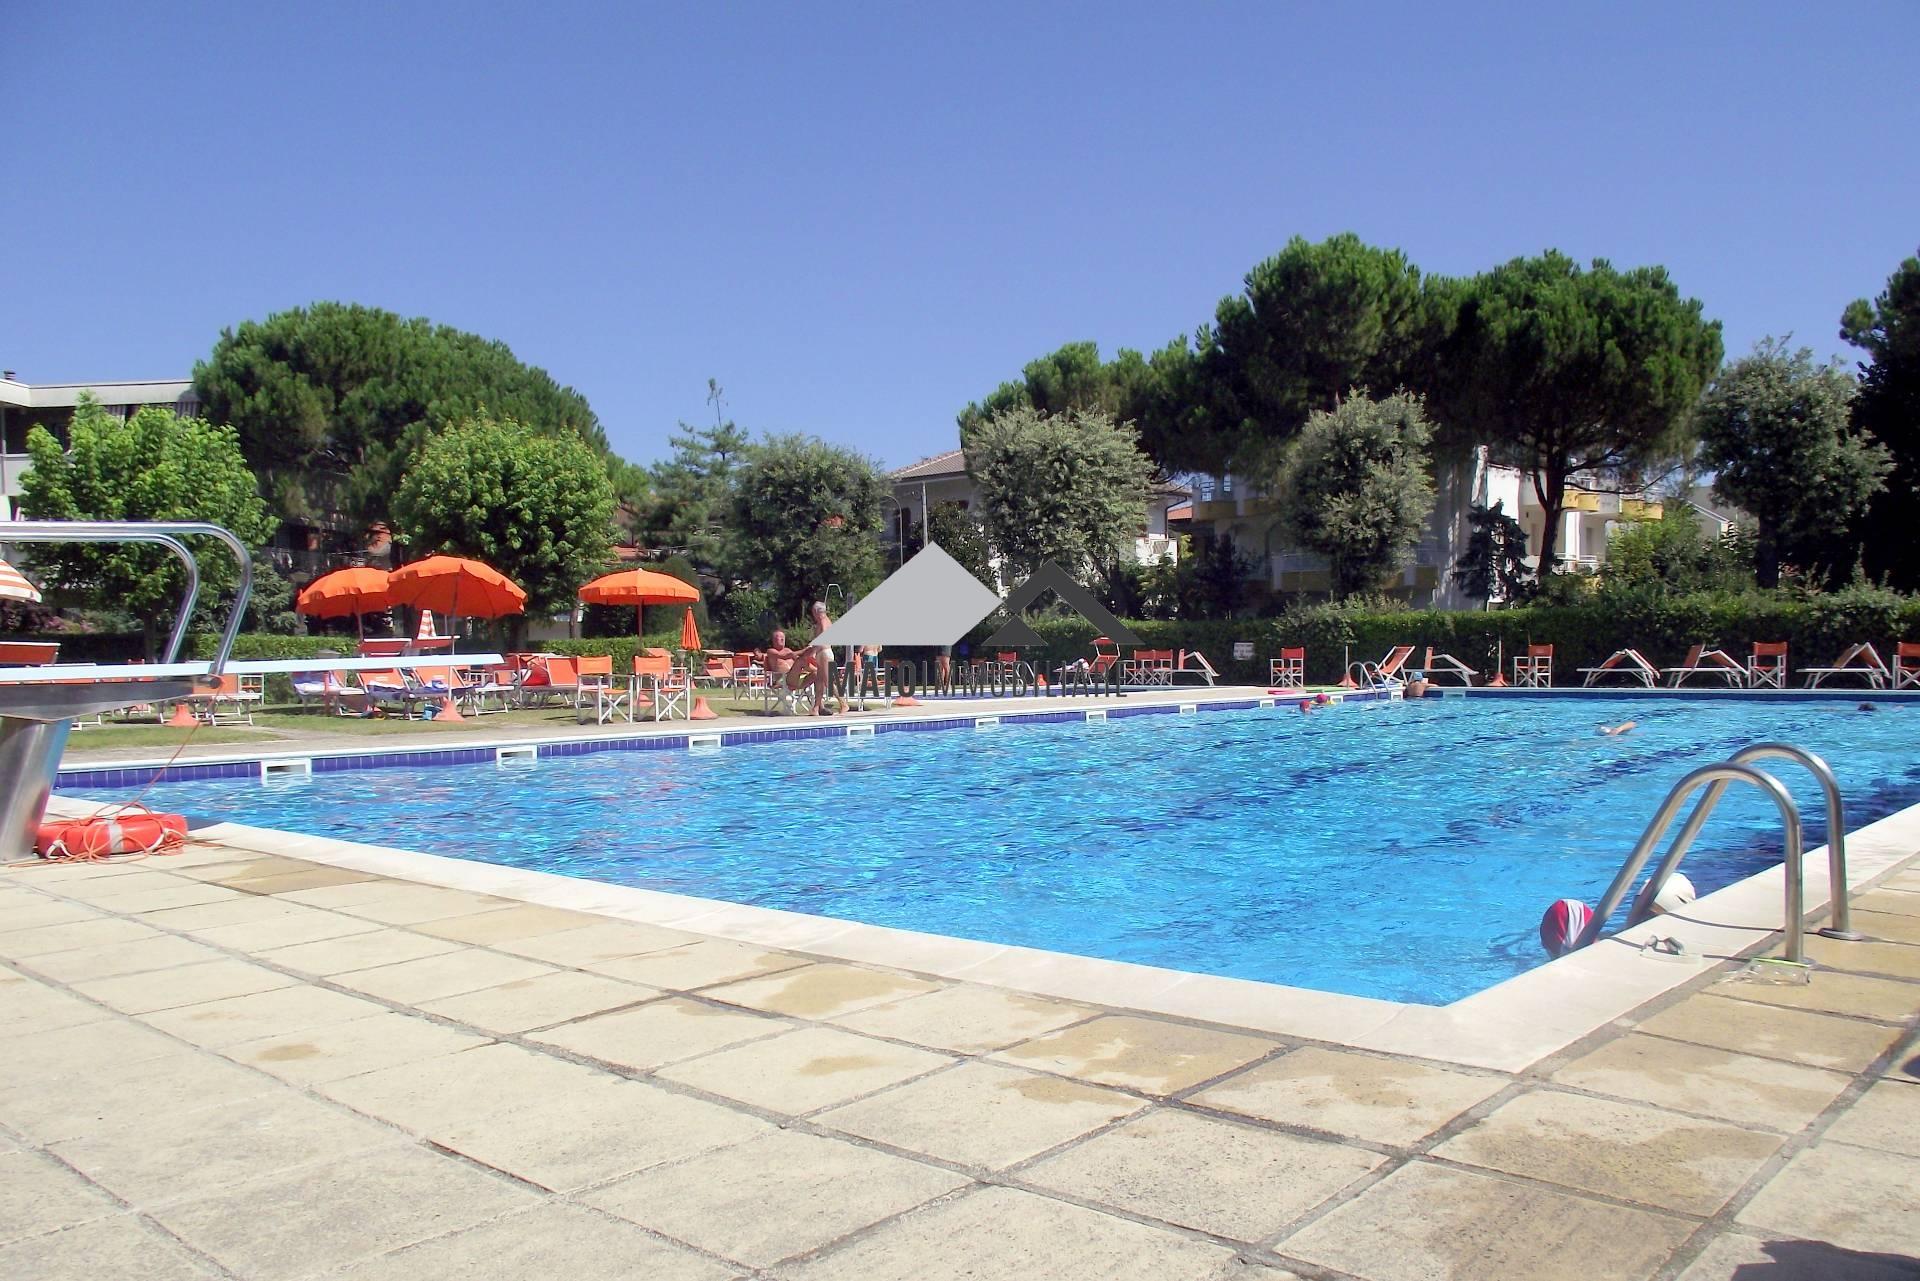 Appartamento in vendita a Riccione, 3 locali, zona Località: PARCO, prezzo € 200.000 | Cambio Casa.it